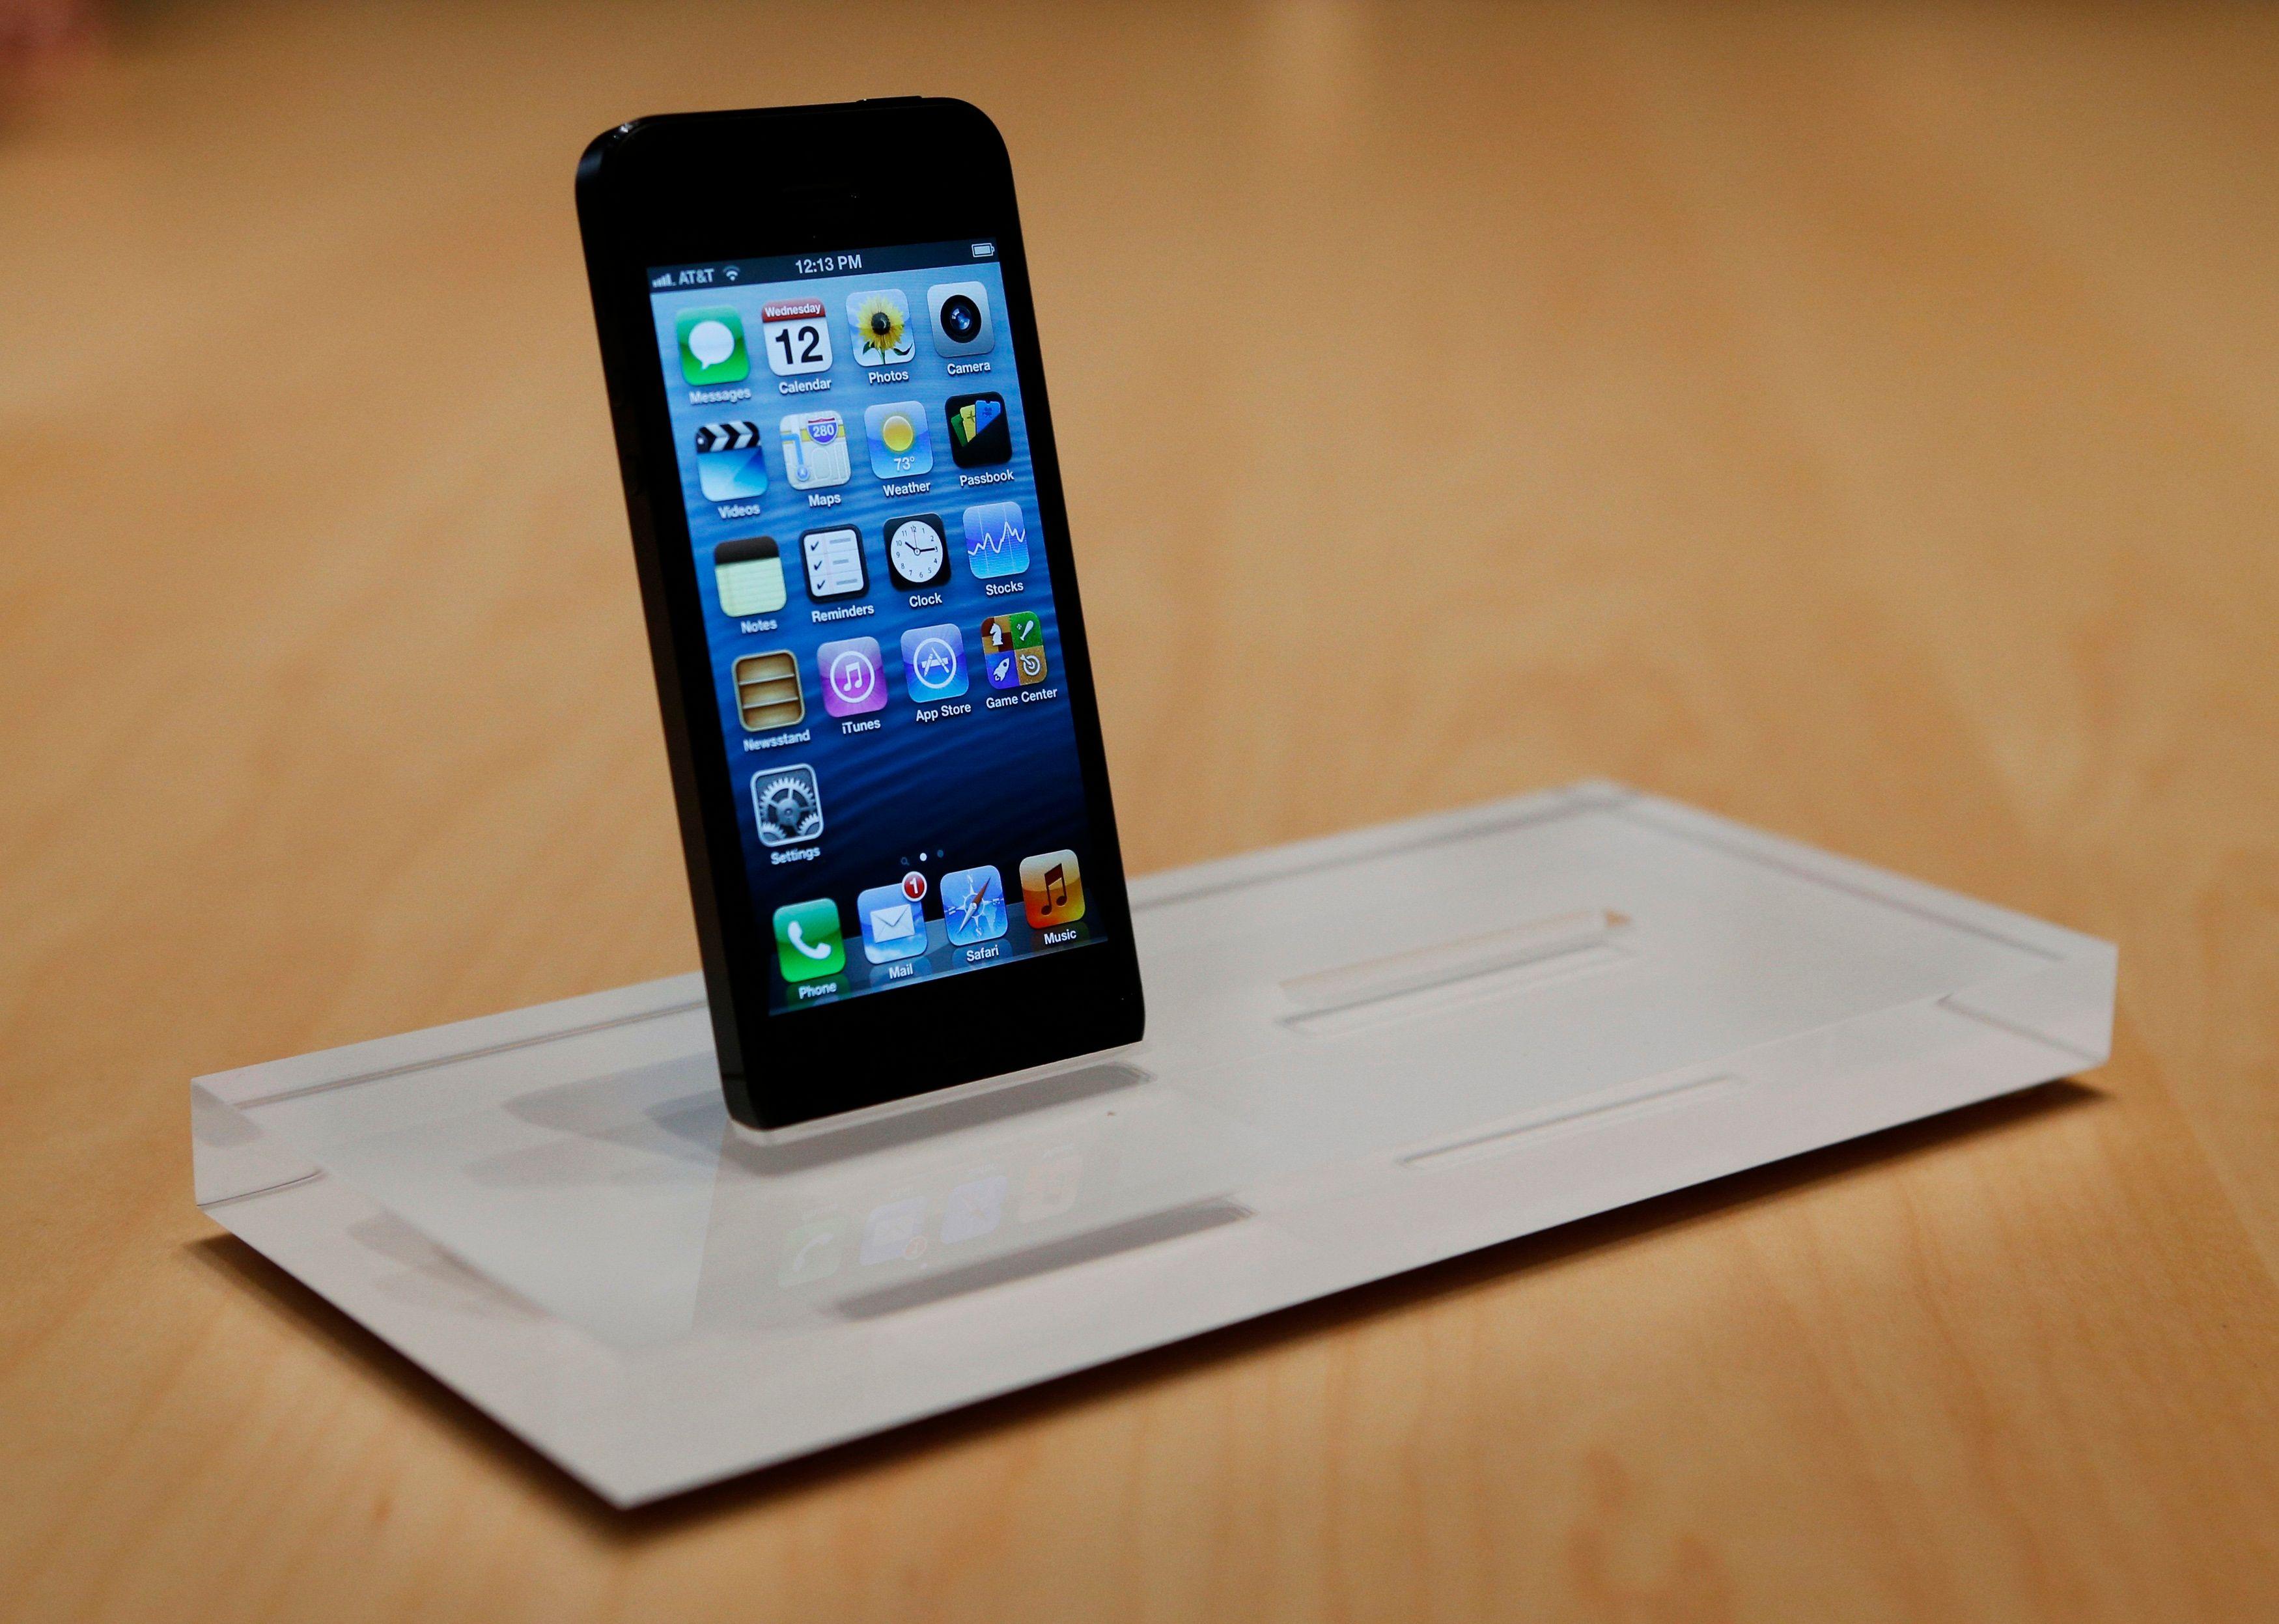 Bientôt des iPhones disponibles en bleu, gris, orange, jaune... ?